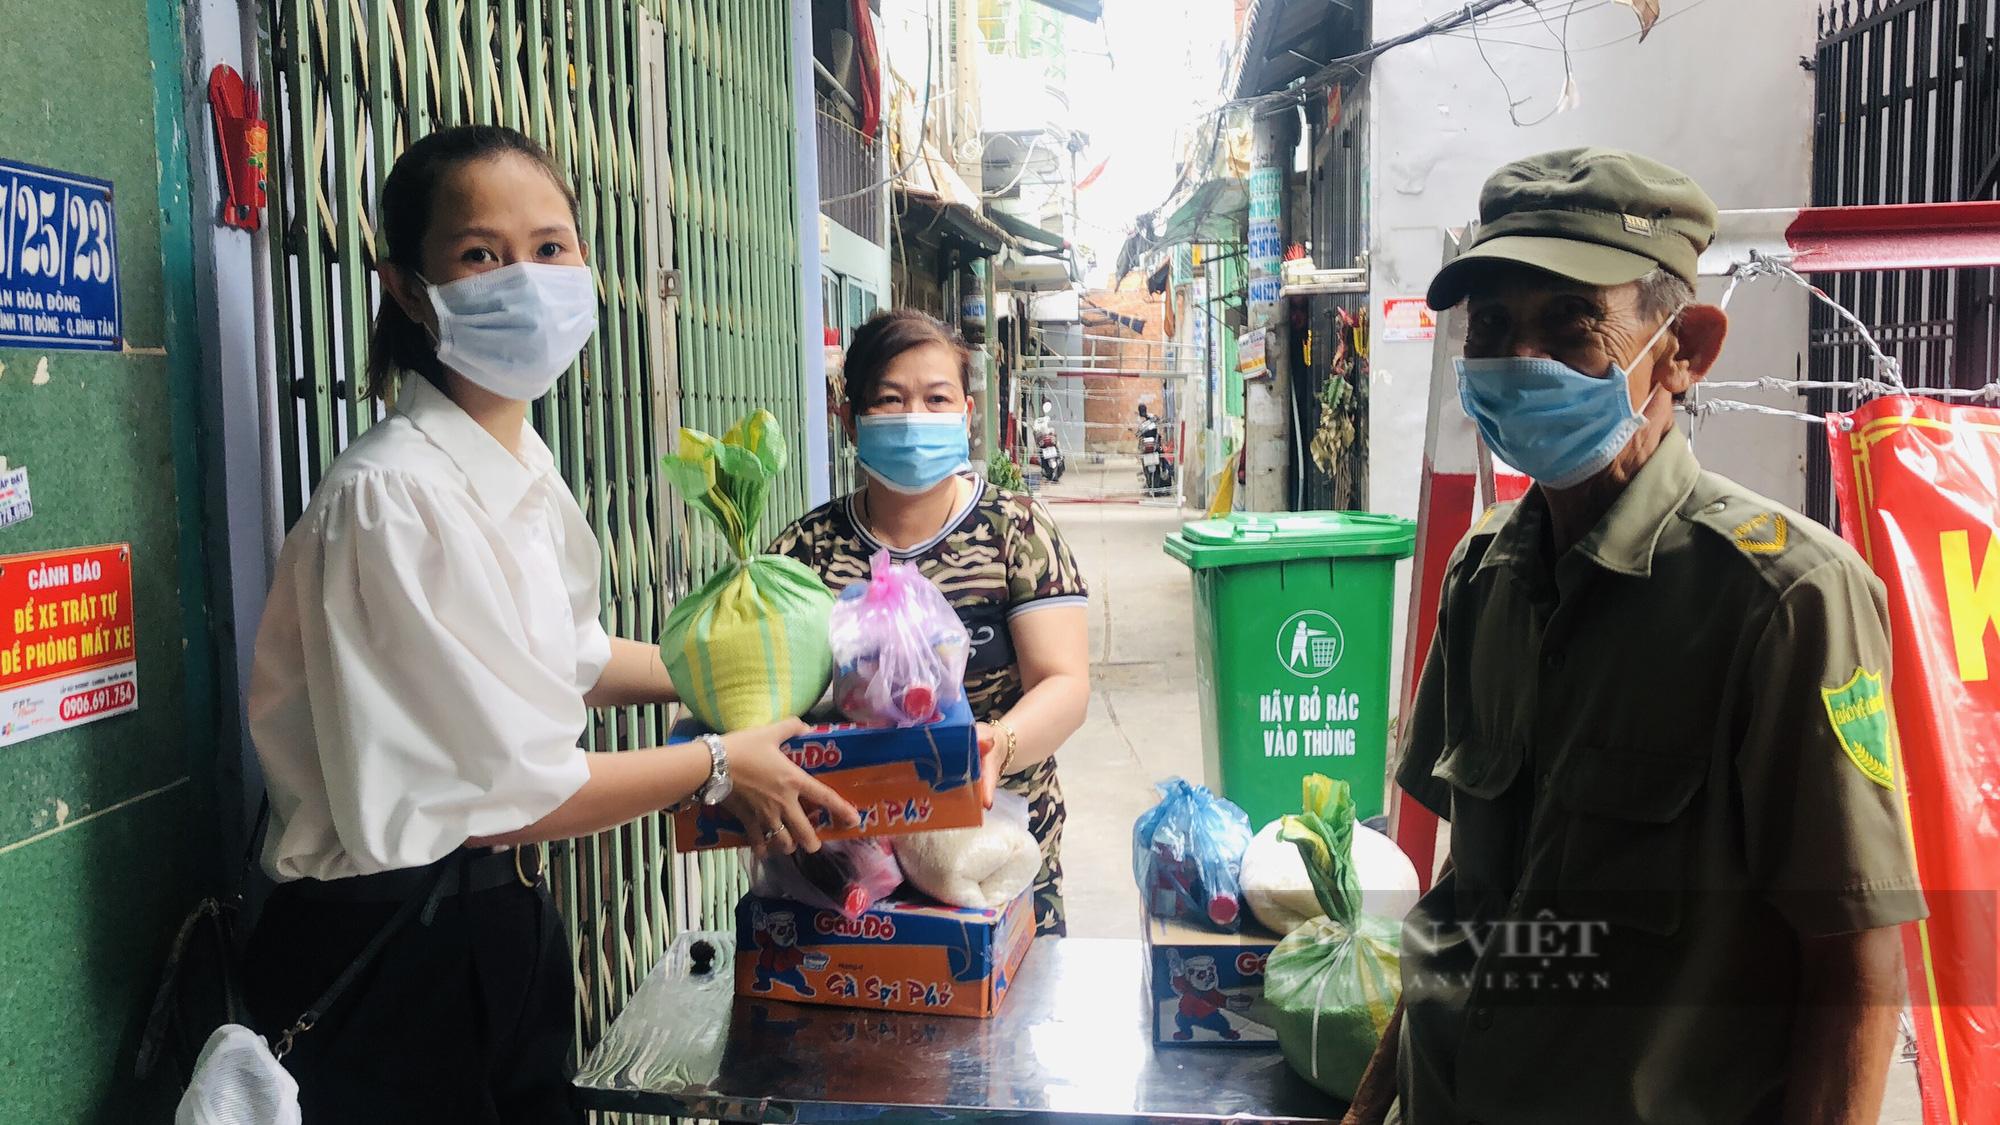 Báo Nông thôn Ngày nay/Điện tử Dân Việt tiếp sức mùa dịch cho người dân tại TP.HCM - Ảnh 5.